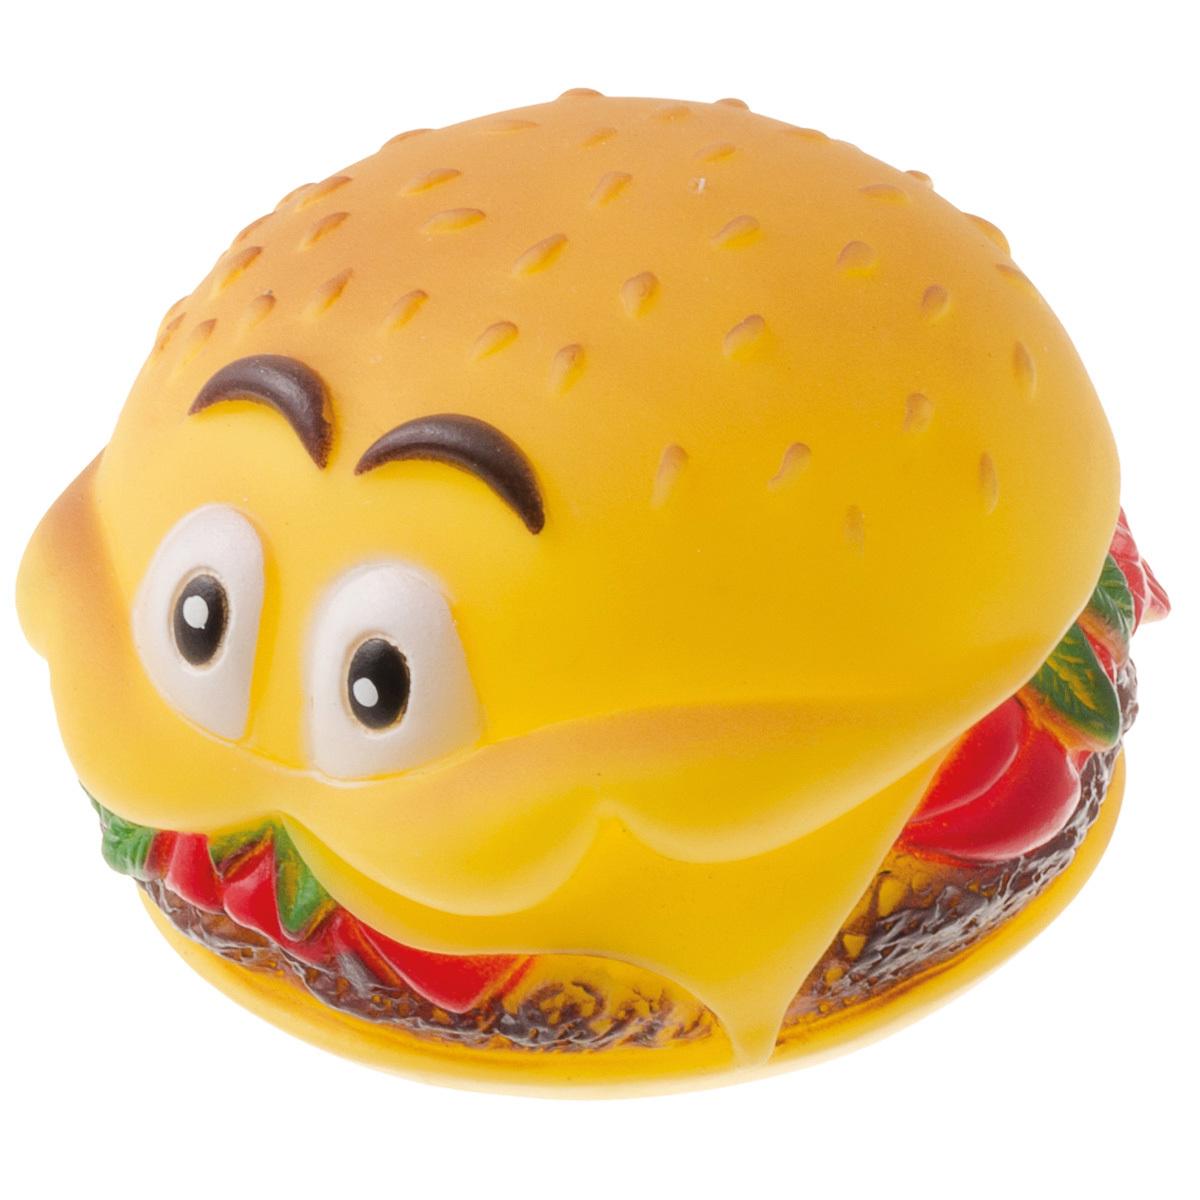 игрушки гамбургеры глаза выпучиваться картинки коленного